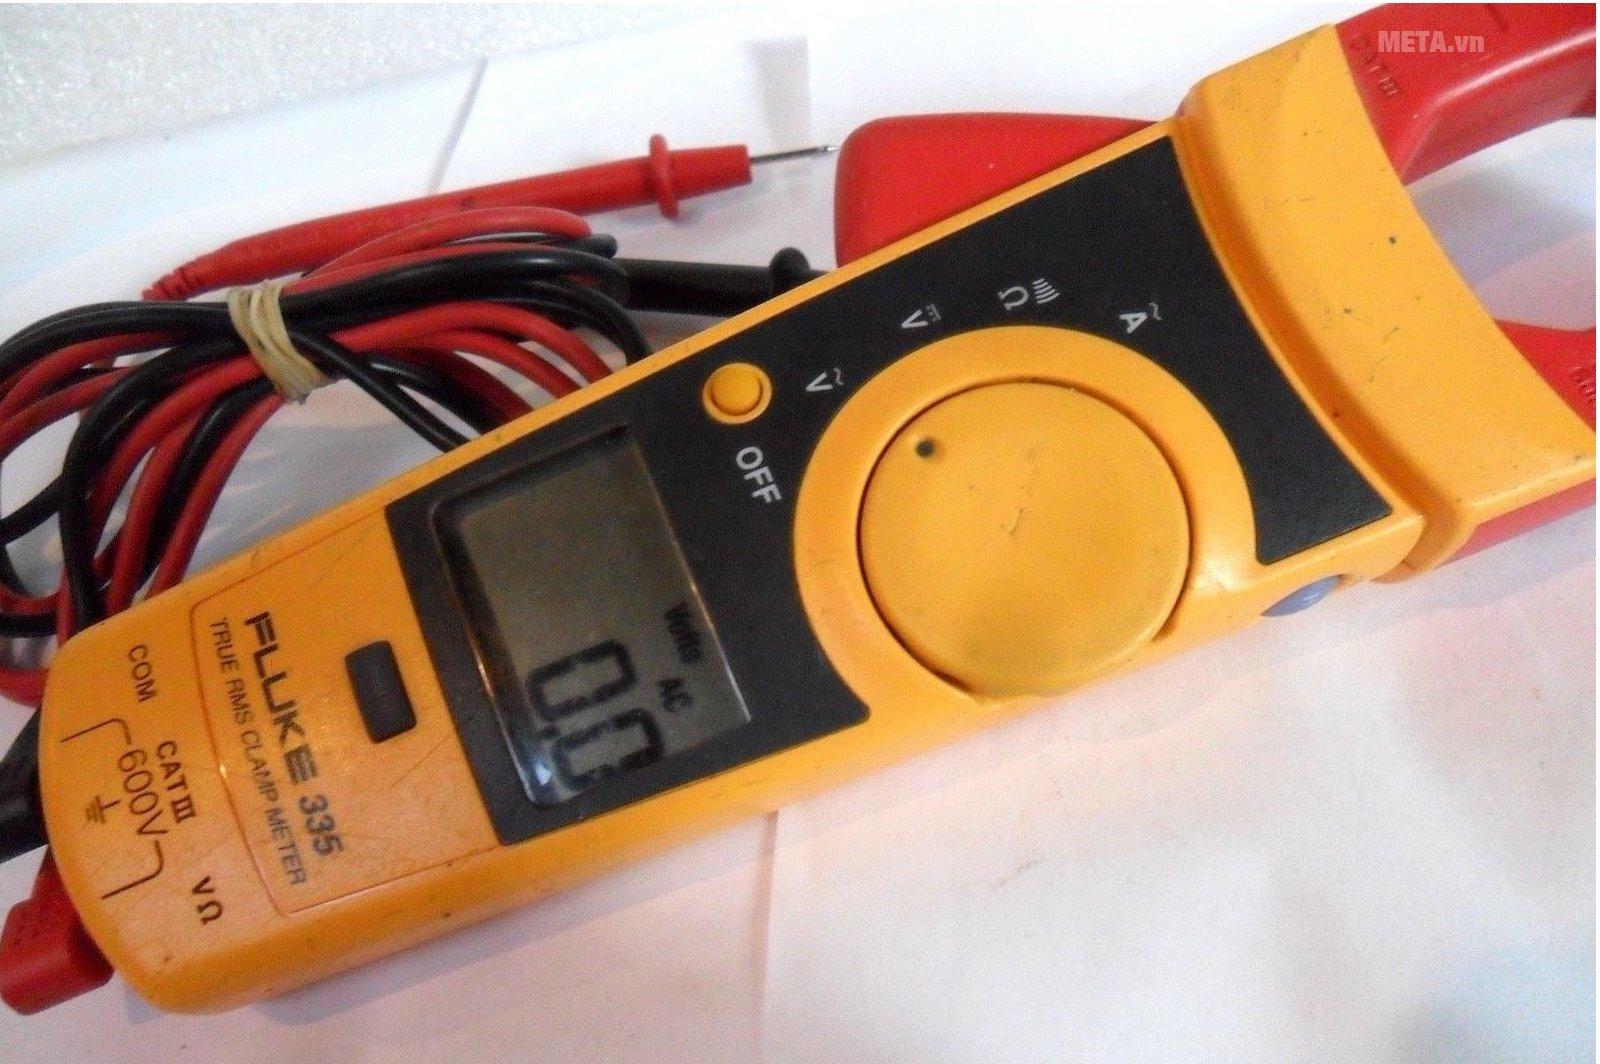 Ampe kìm Fluke 335 có dải đo lớn